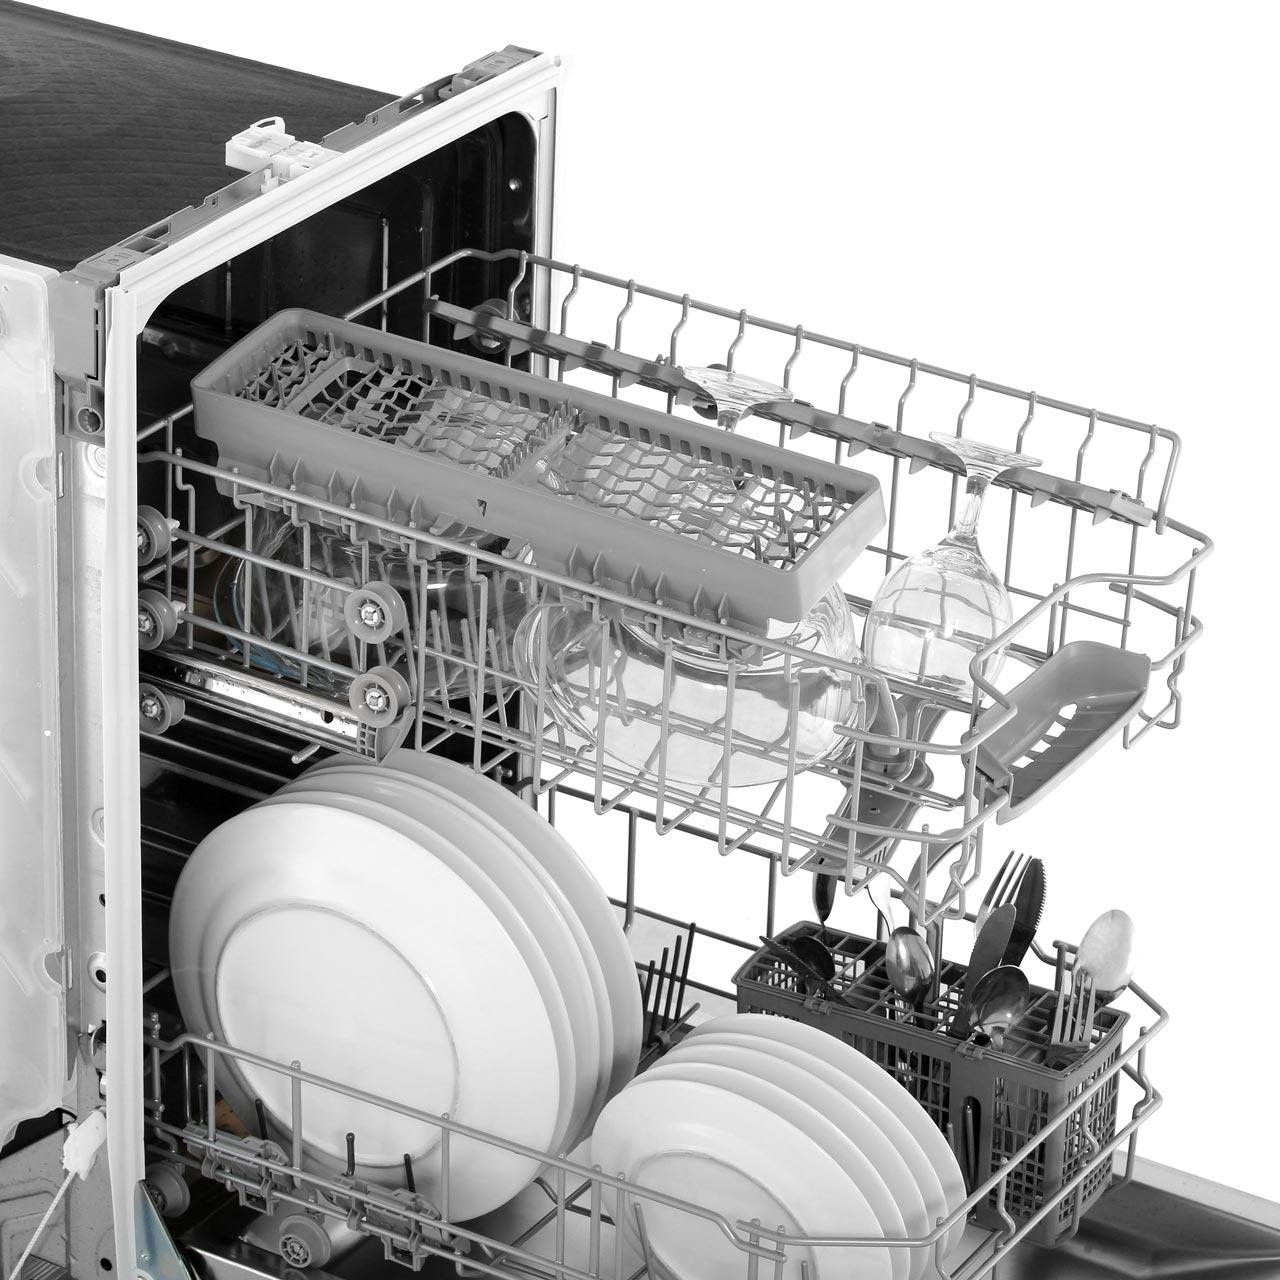 Neff N50 S583c50x0g Built In Slimline Dishwasher